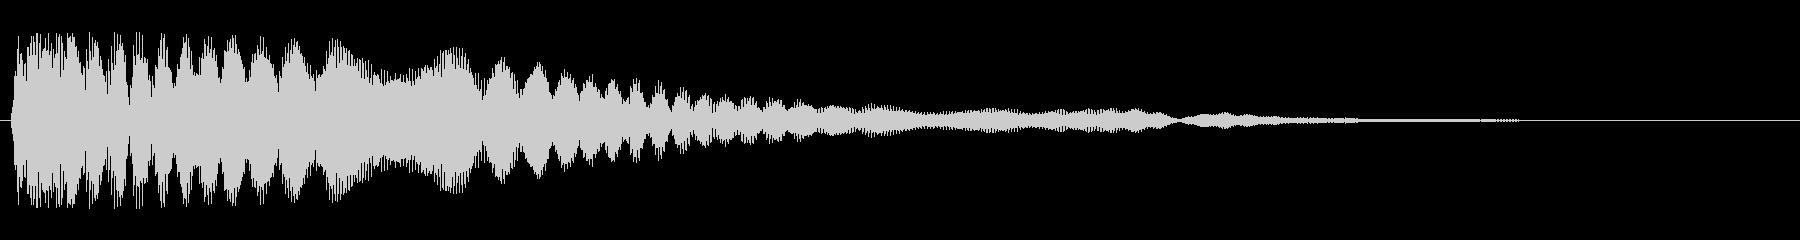 キーン(強く光る音)の未再生の波形